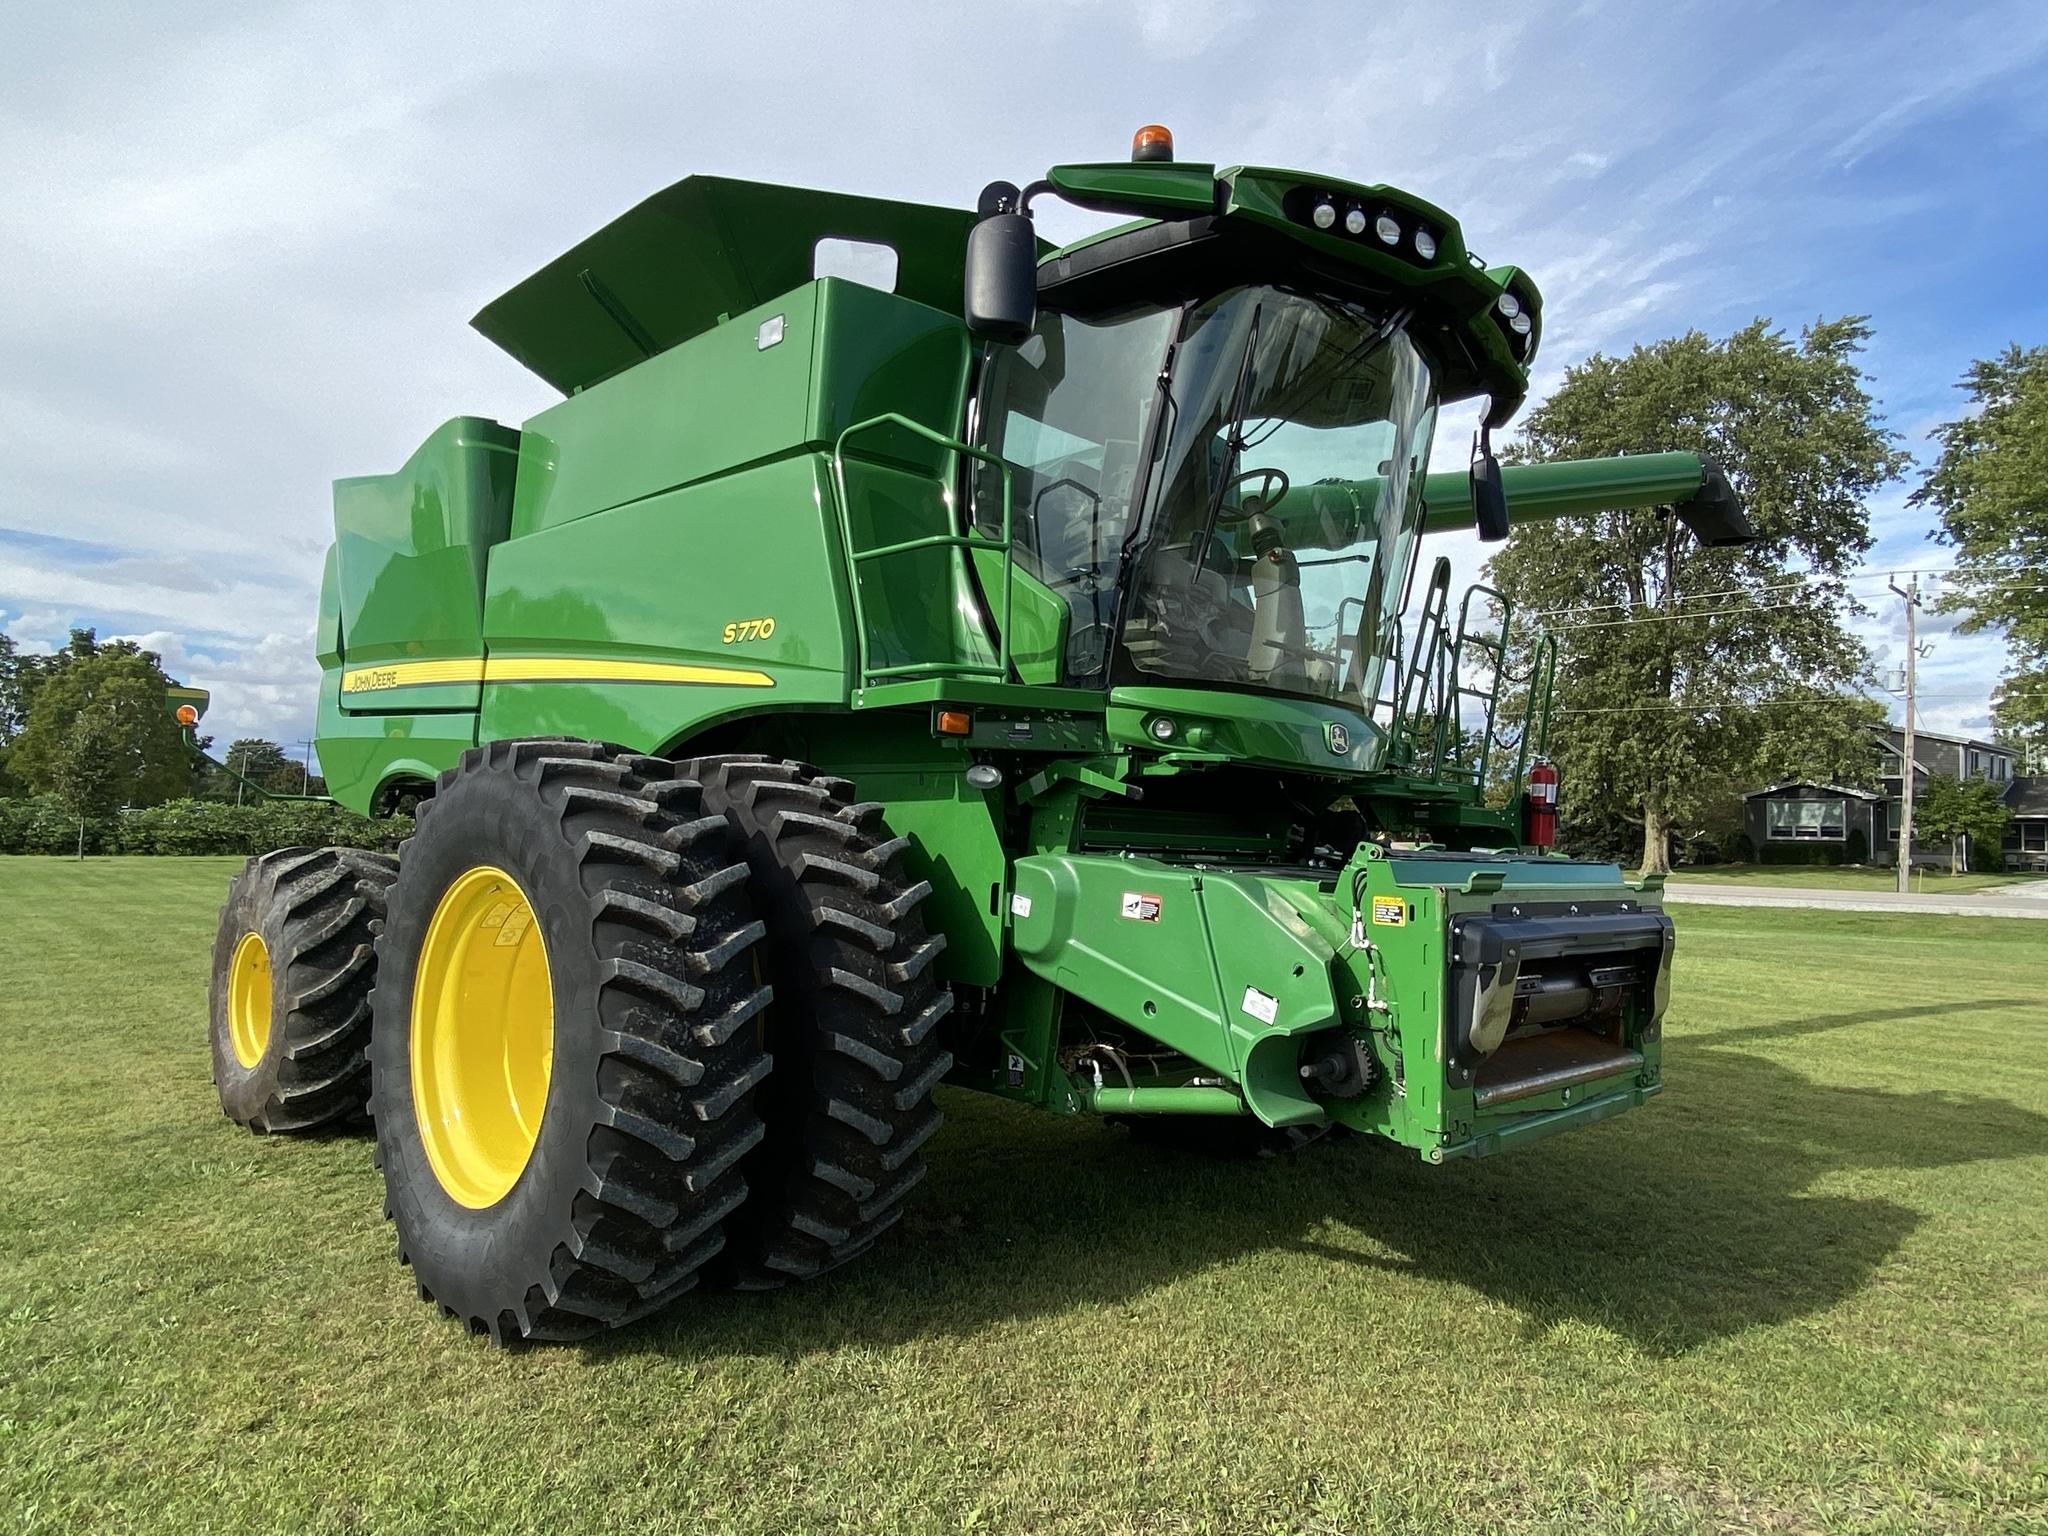 JD S770 (MG060756) – $489,990.00